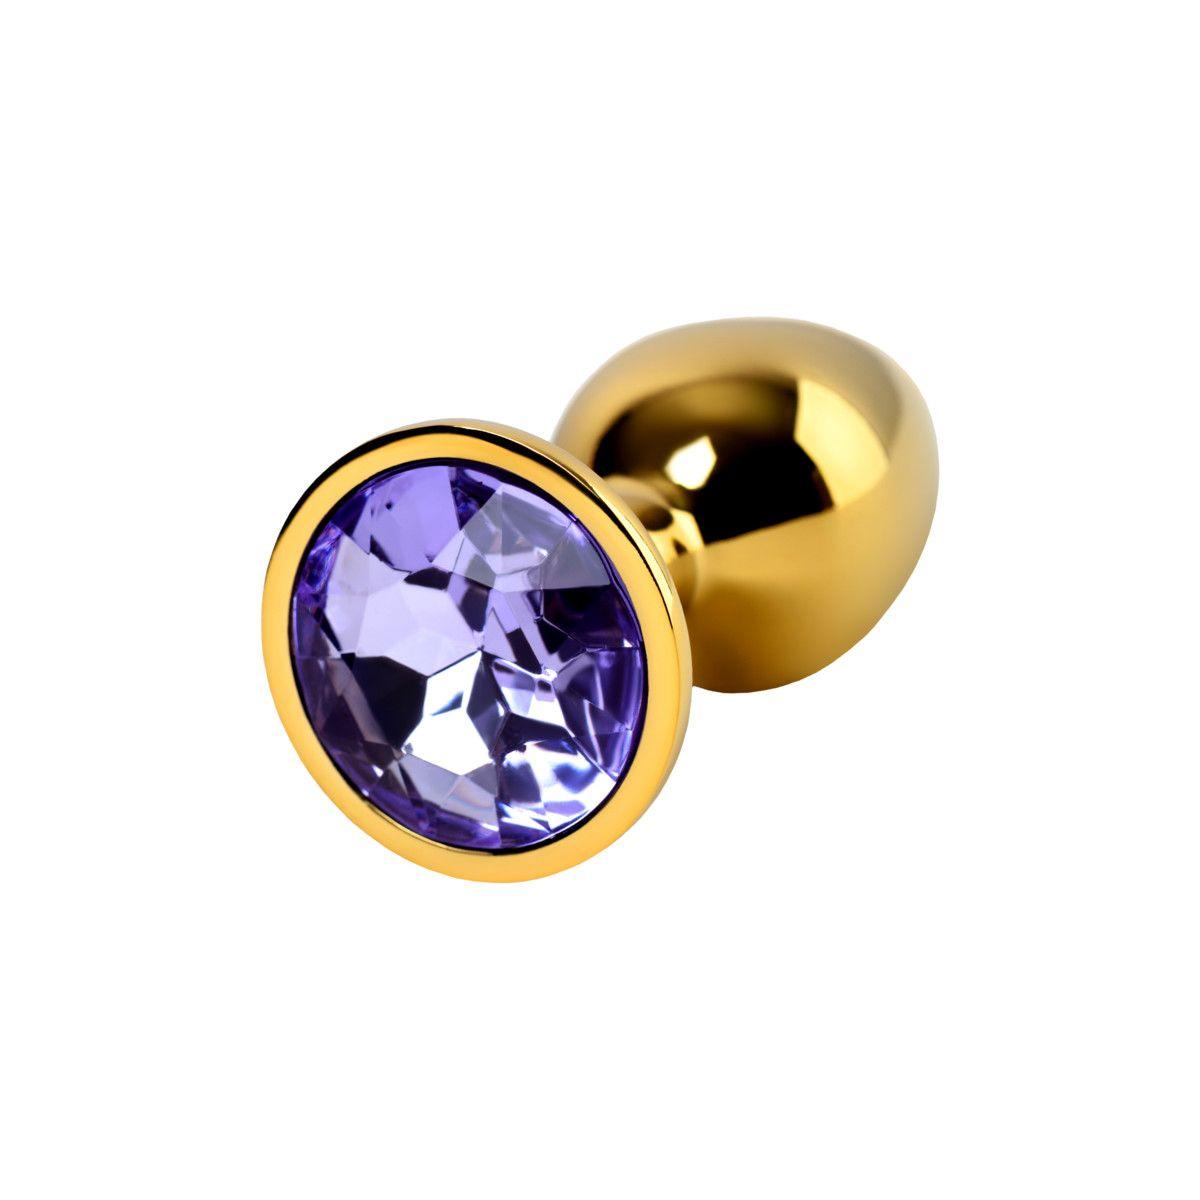 Анальный страз S золотистый, с кристаллом цвета аметист